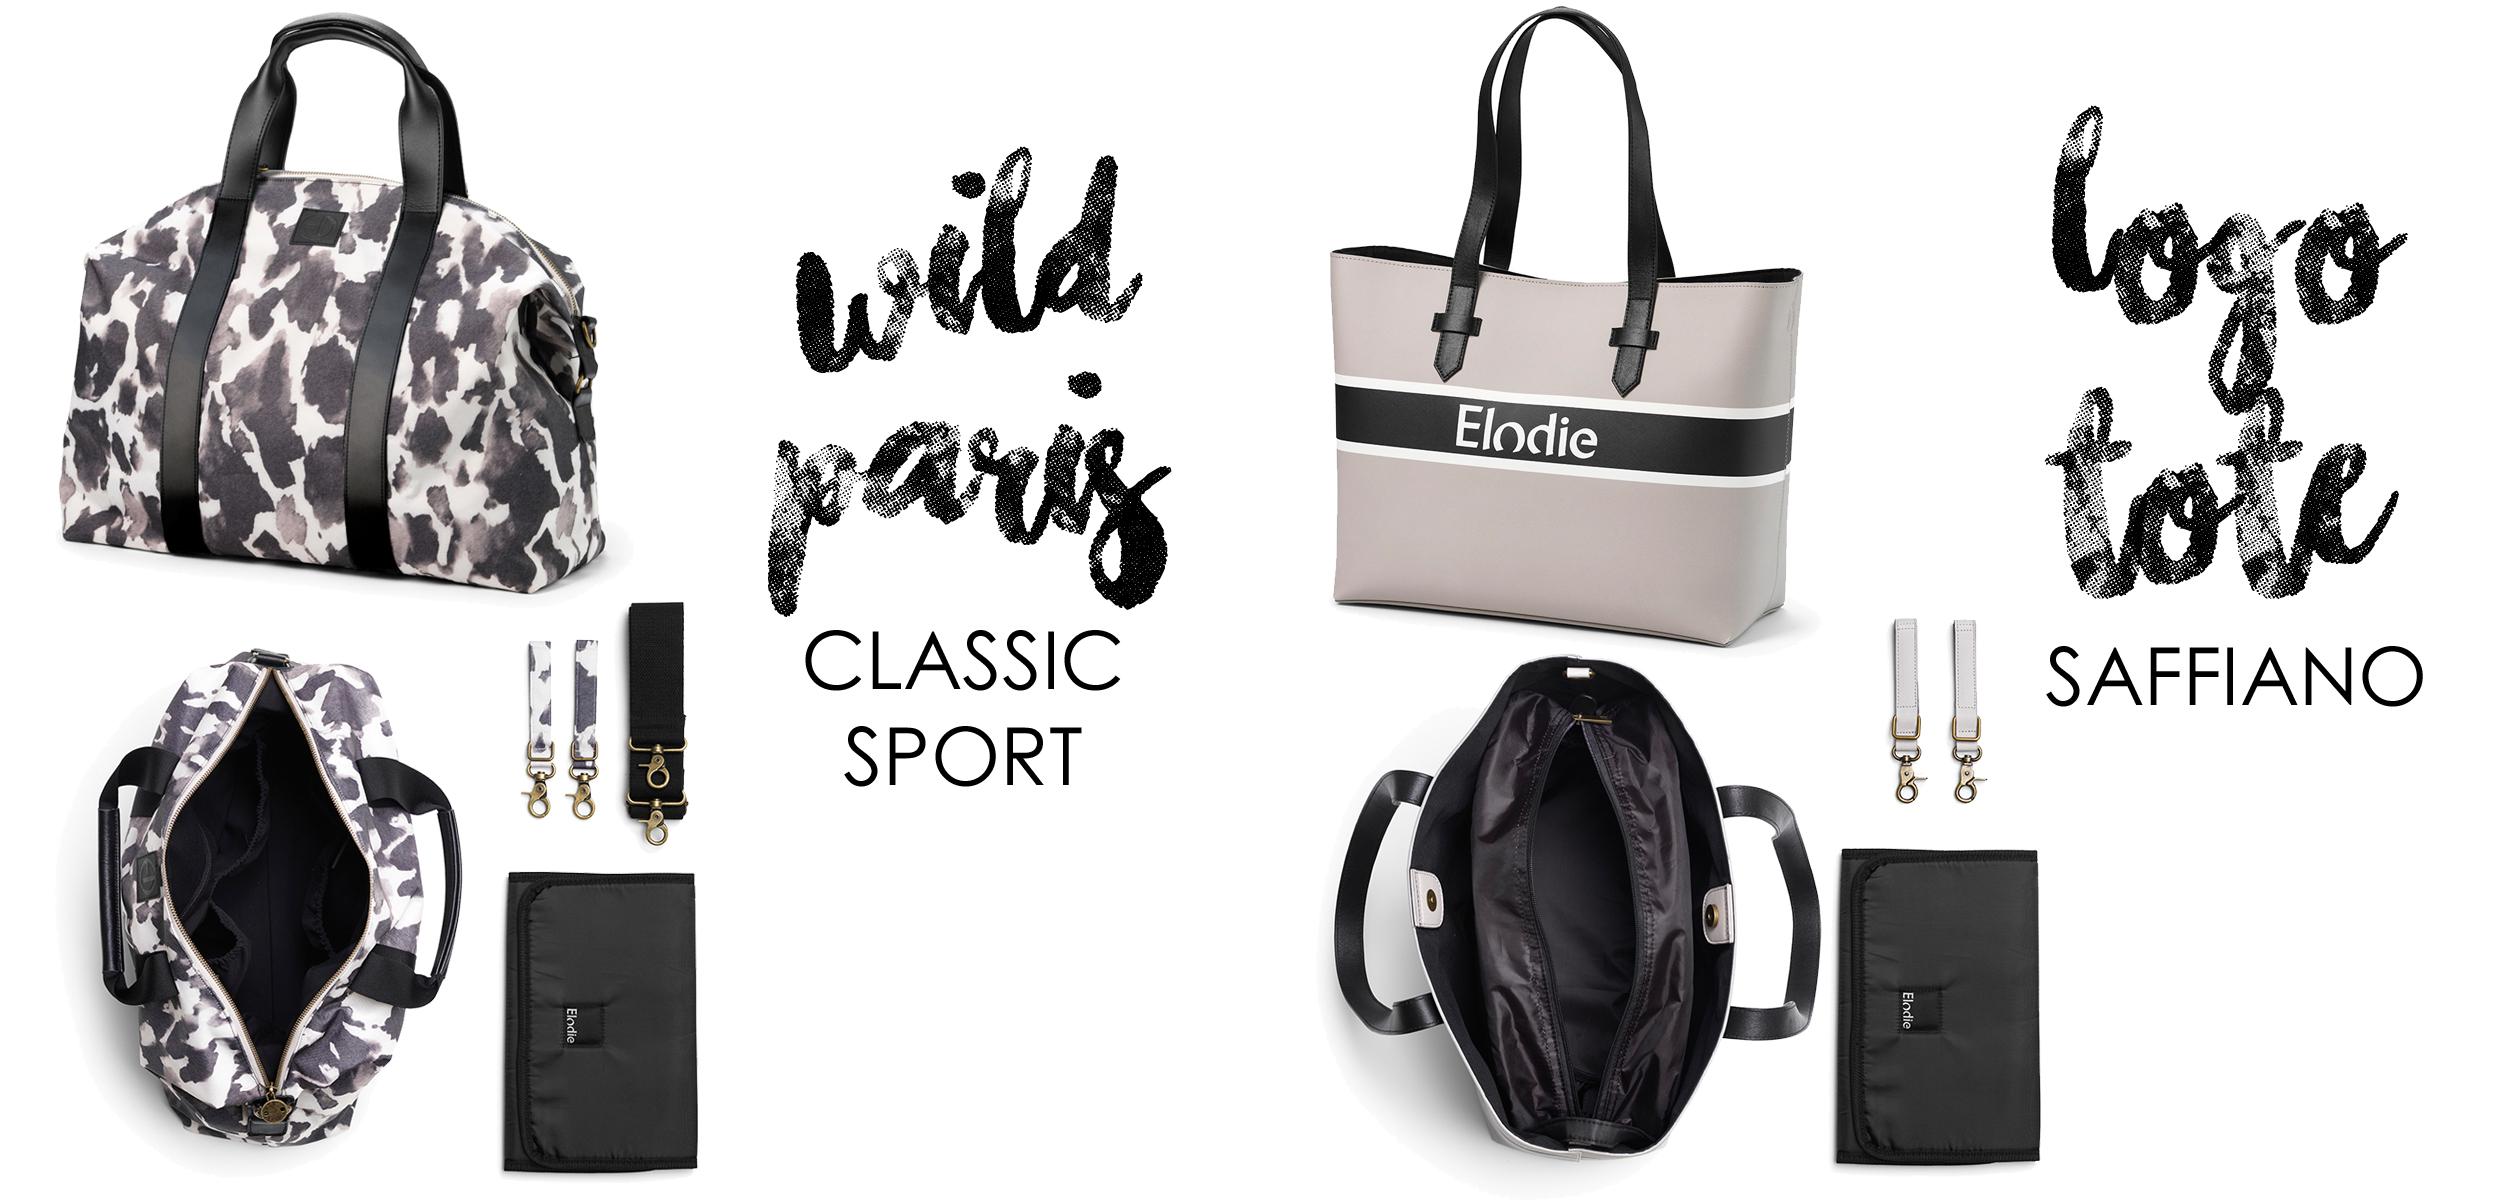 Elodie Details Classic Sport Skötväska och Logo Tote Saffiano Skötväska 2019